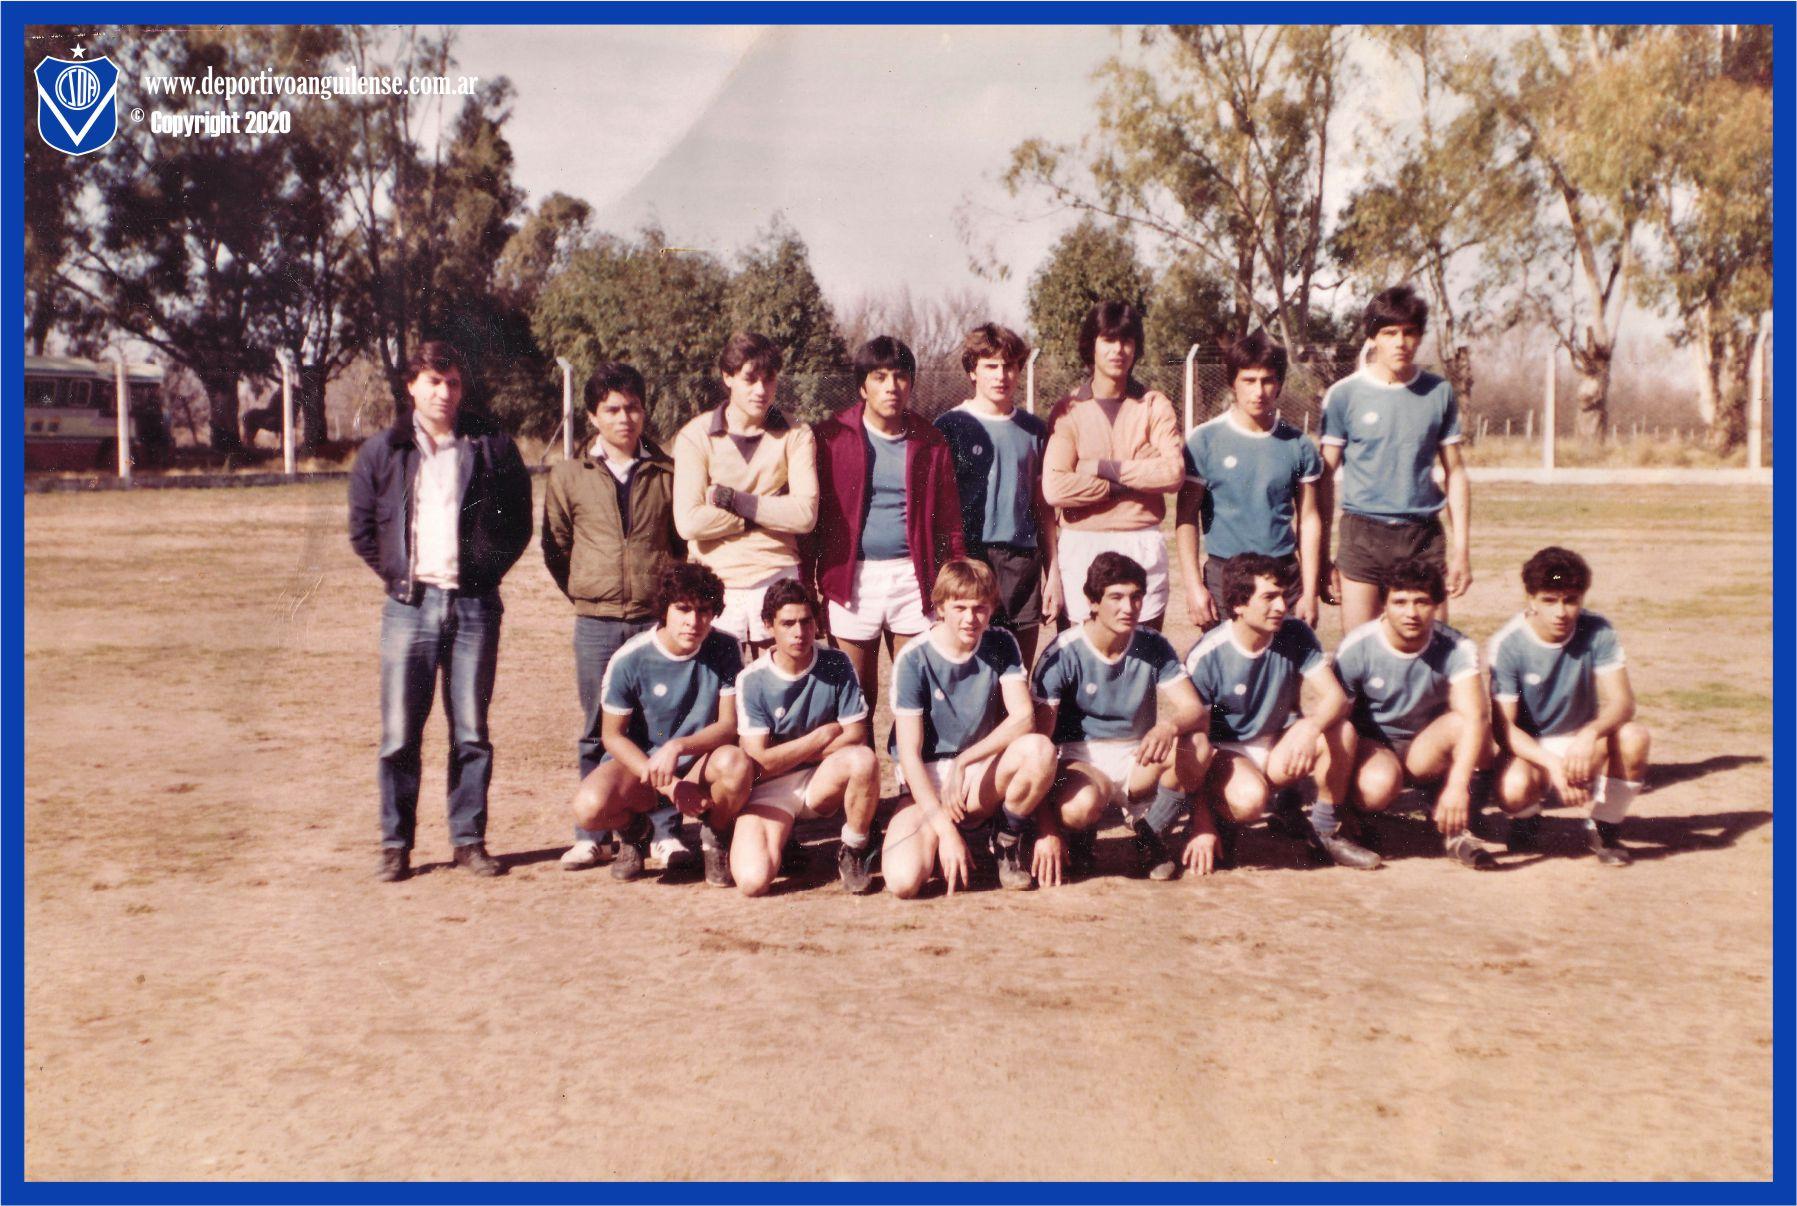 Reserva 1985